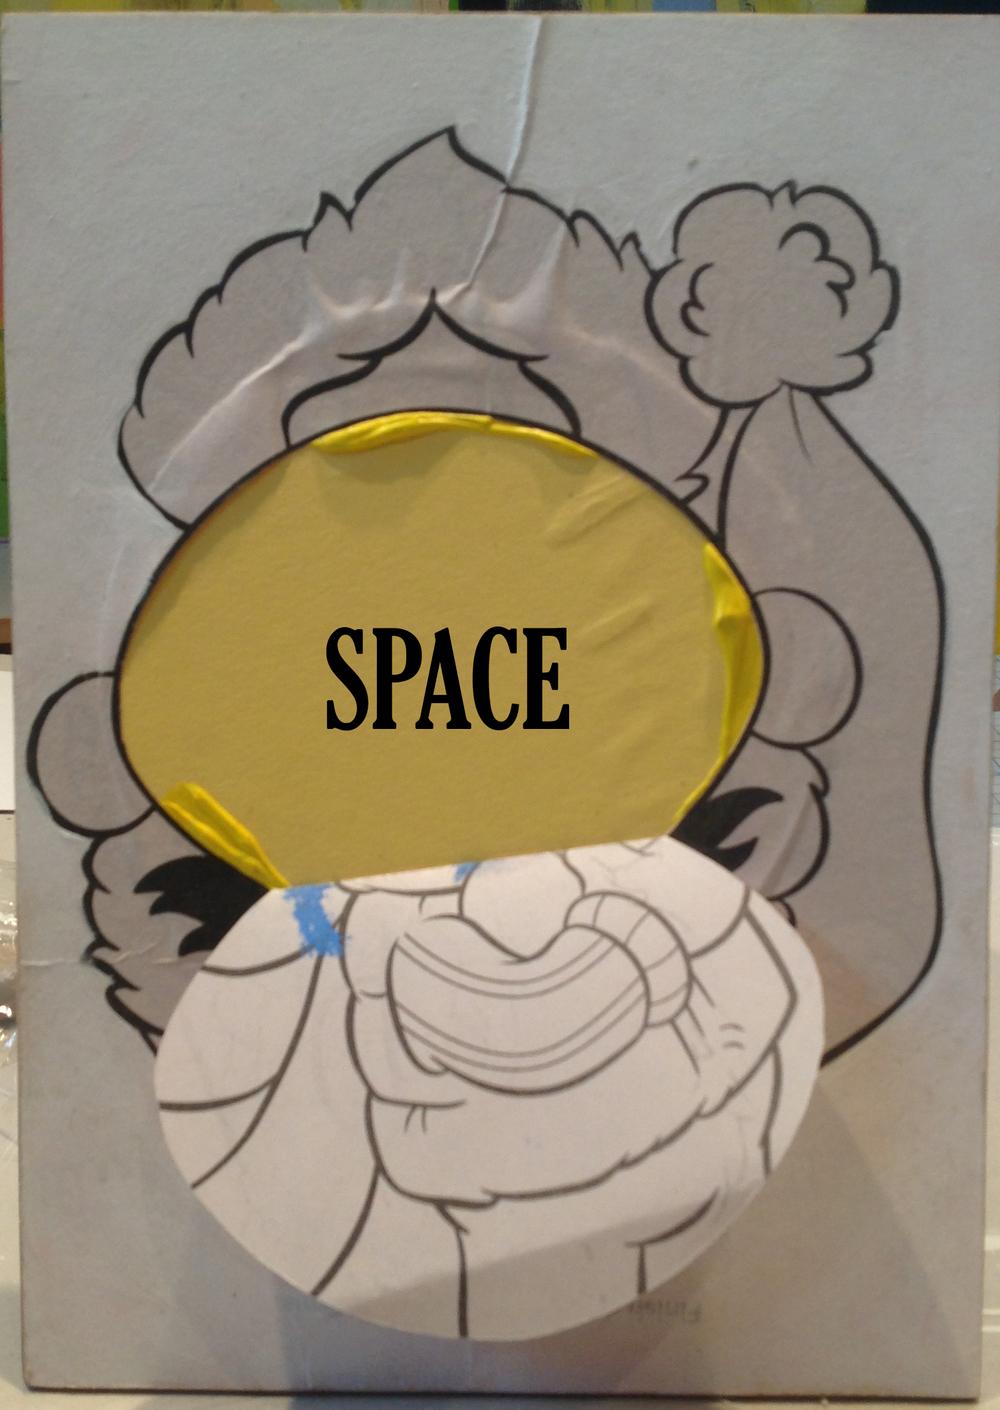 slapface coloring book3 copy.jpg